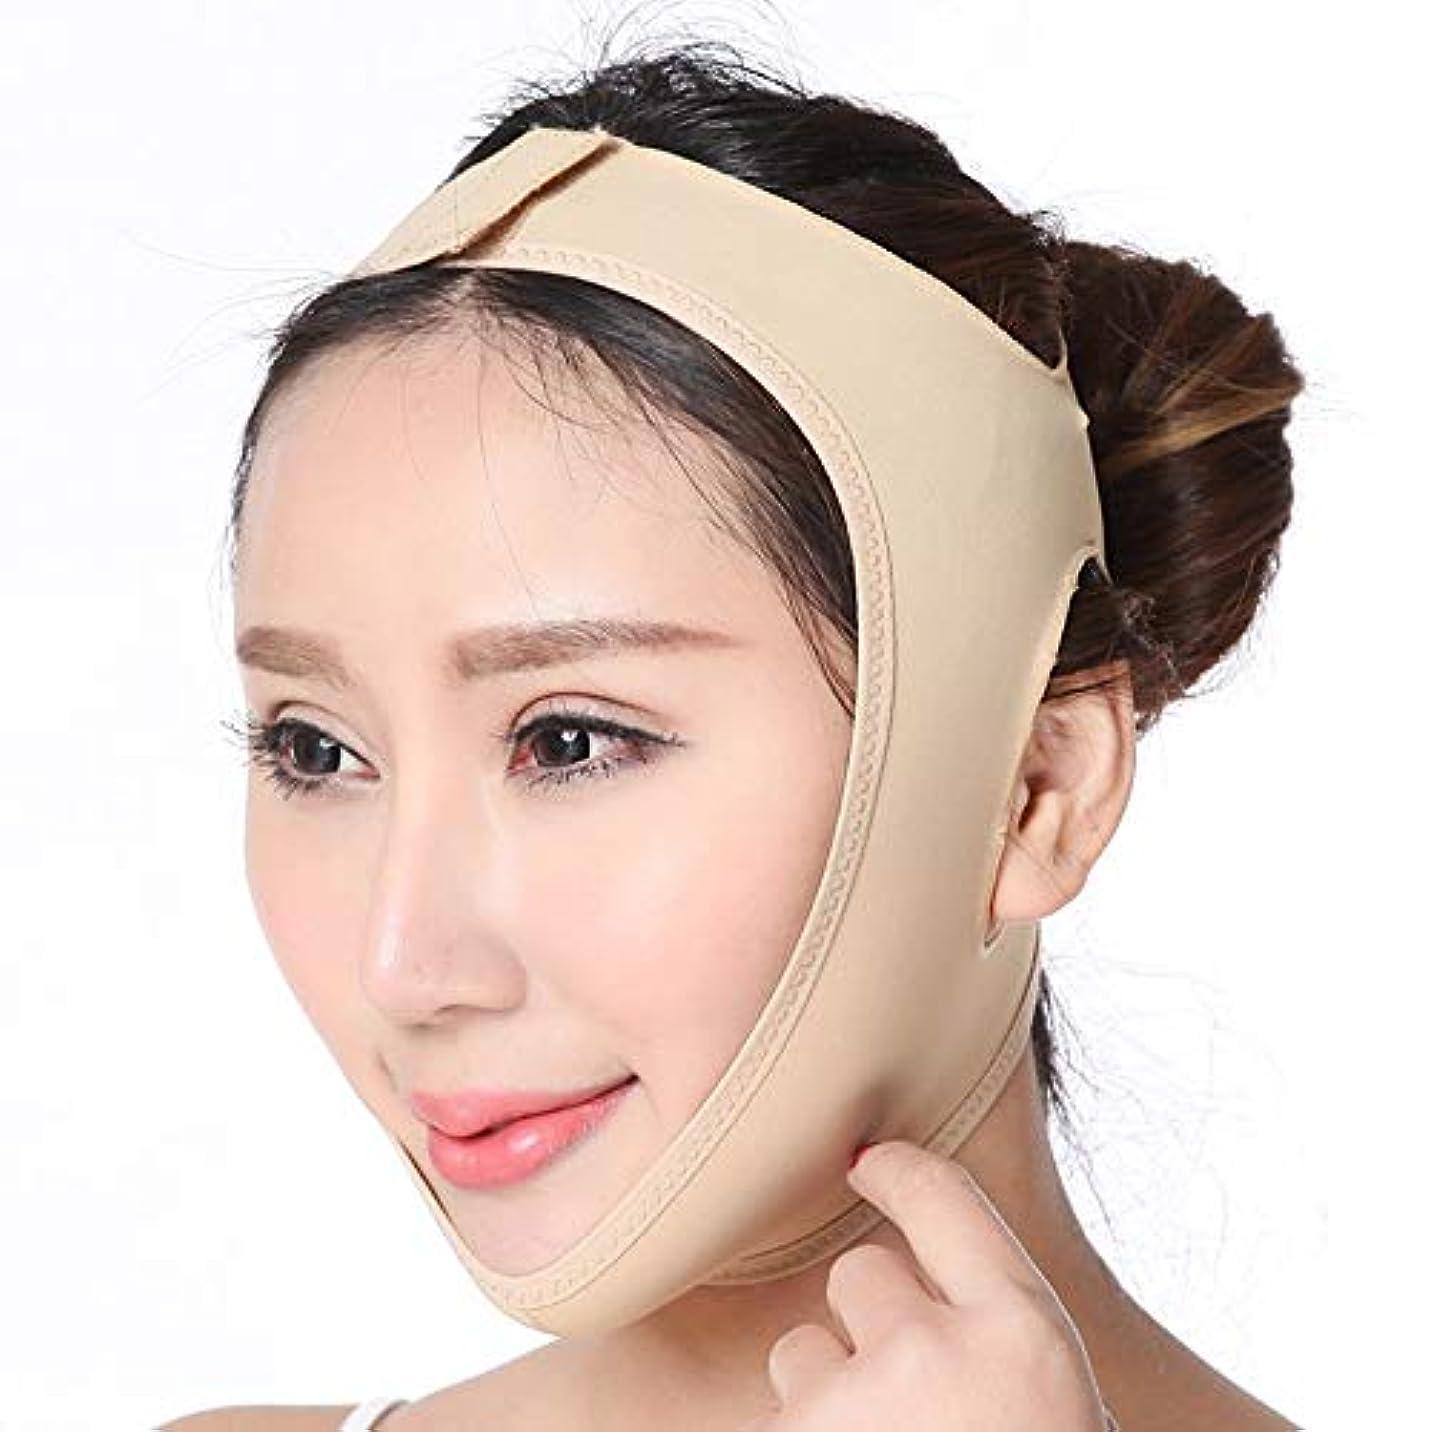 お風呂作るフォアタイプ薄い顔ベルト、超薄型通気性のVフェイス薄い顔は、咬筋を削除するには二重あごを持ち上げる4つのサイズのフェイスリフティング包帯マスク (Size : L)